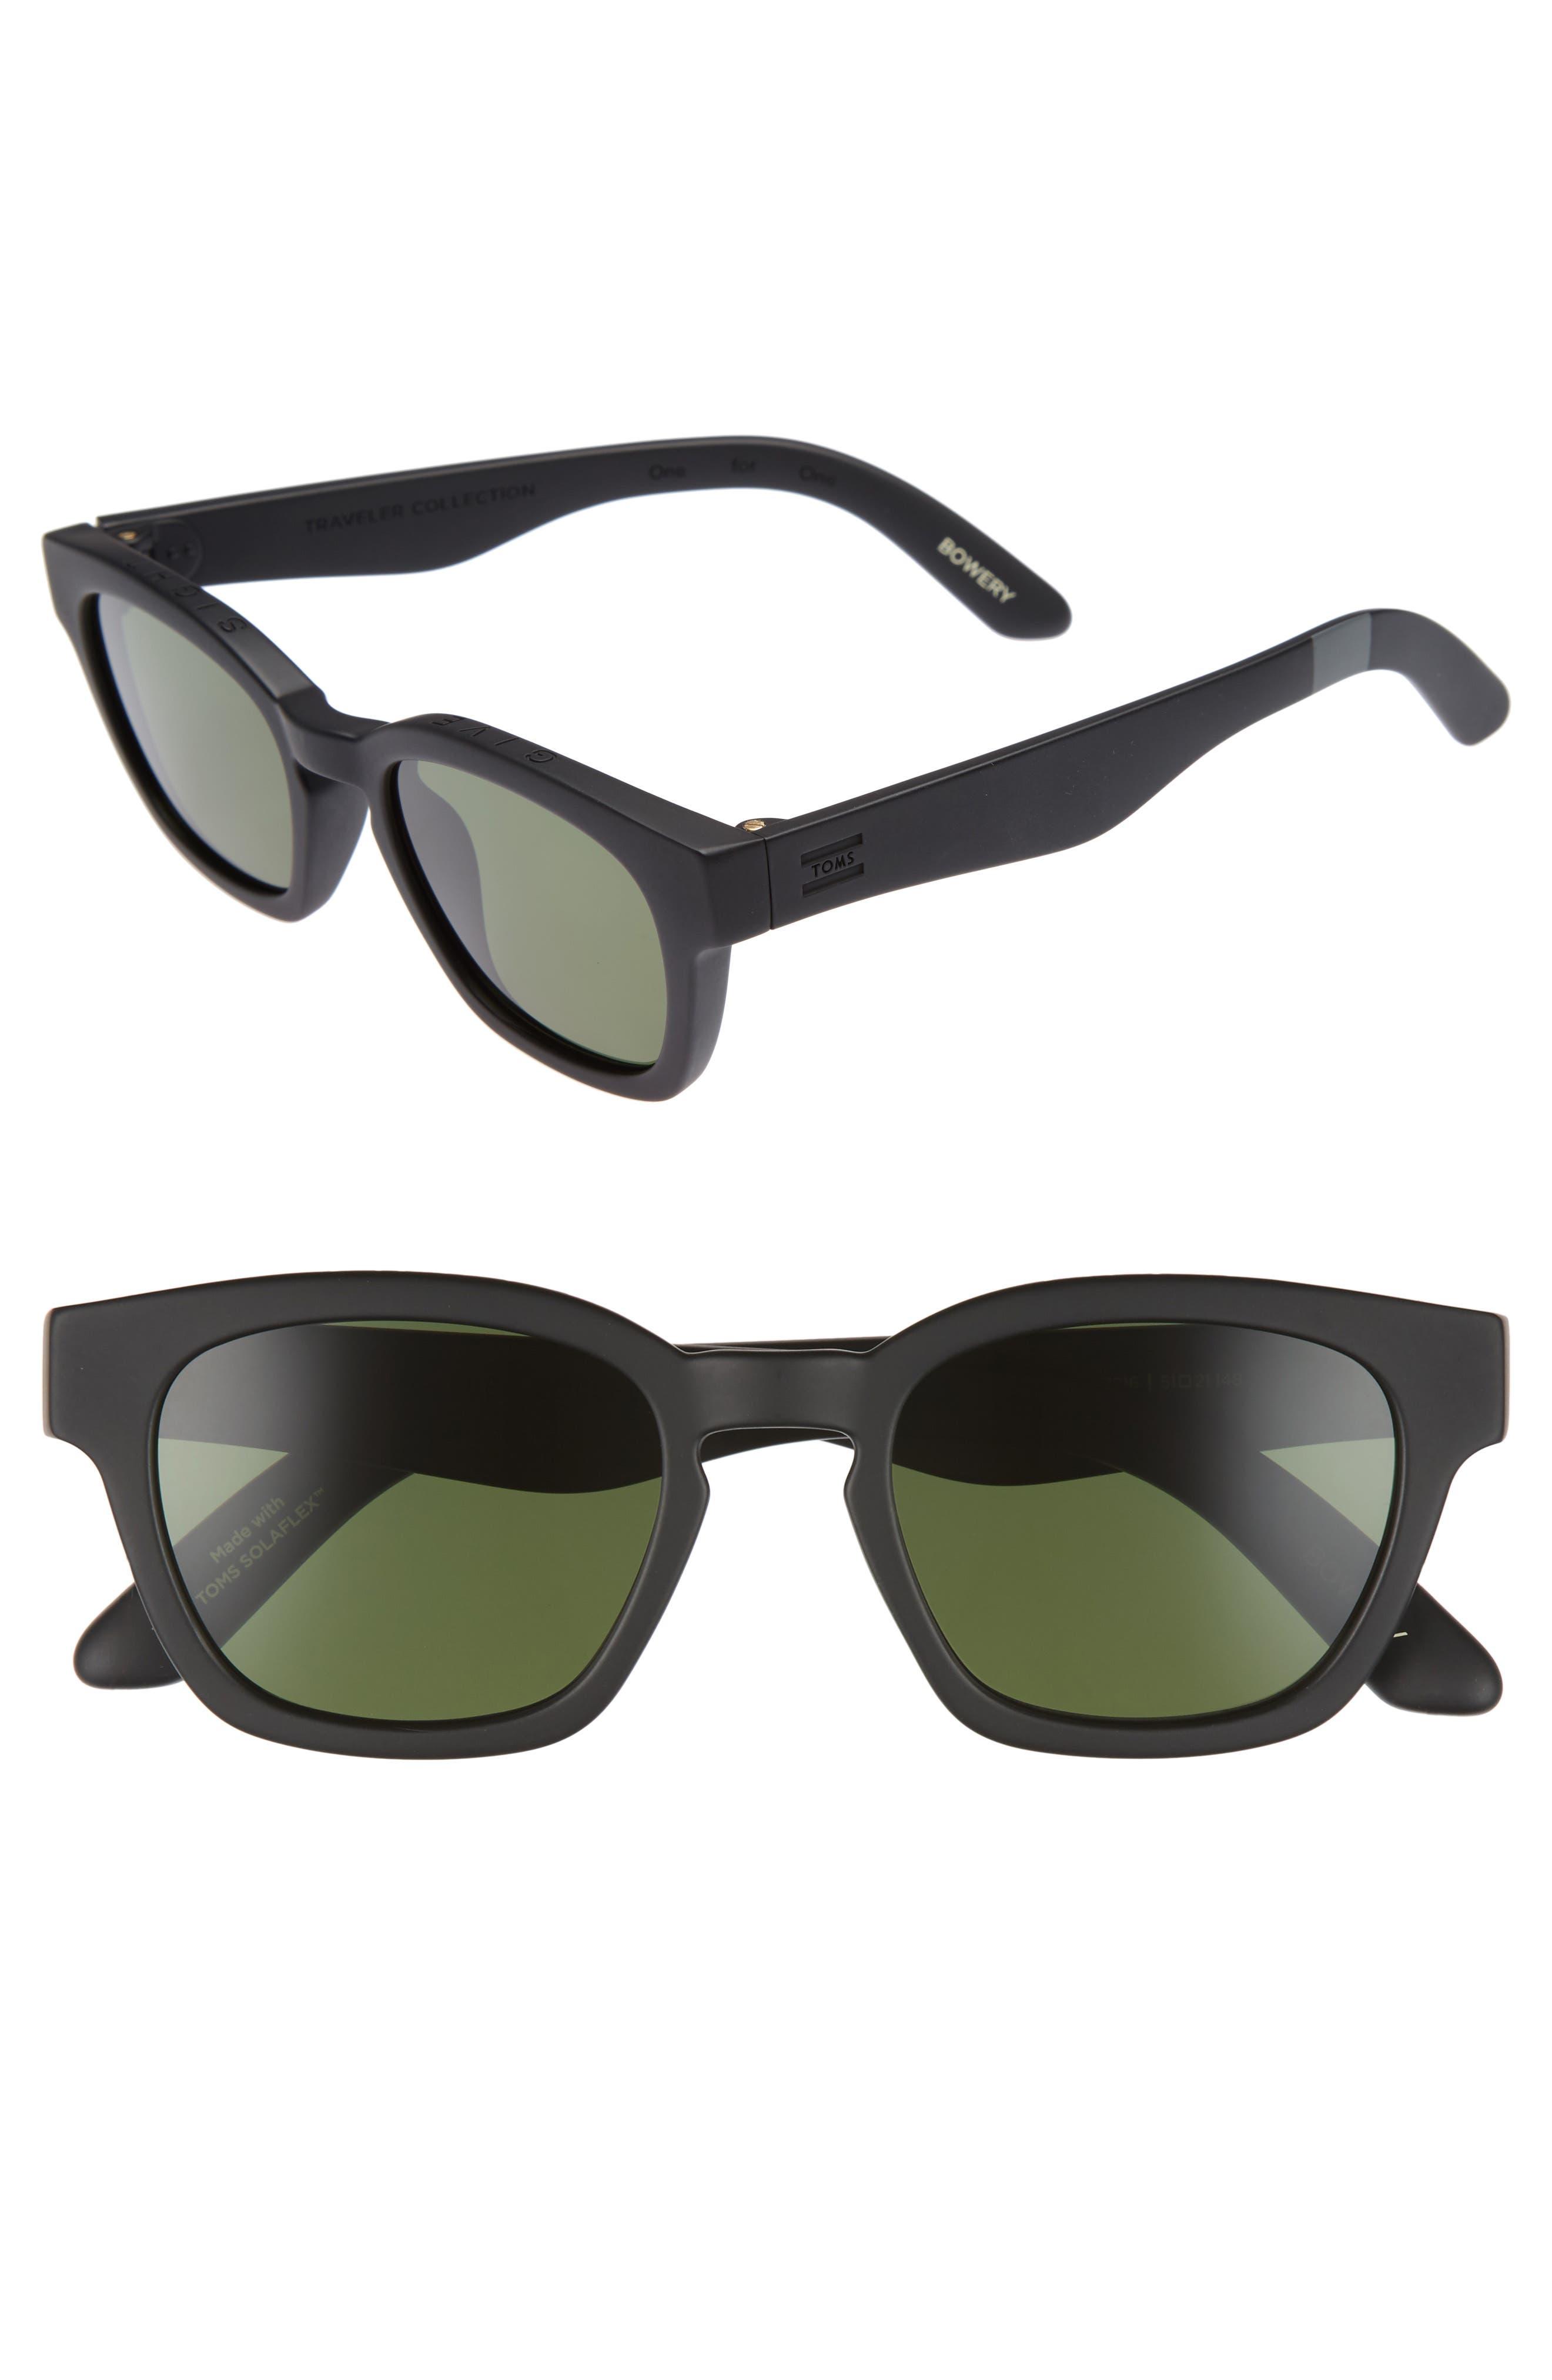 Bowery 51mm Polarized Sunglasses,                             Main thumbnail 1, color,                             Matte Black Polar